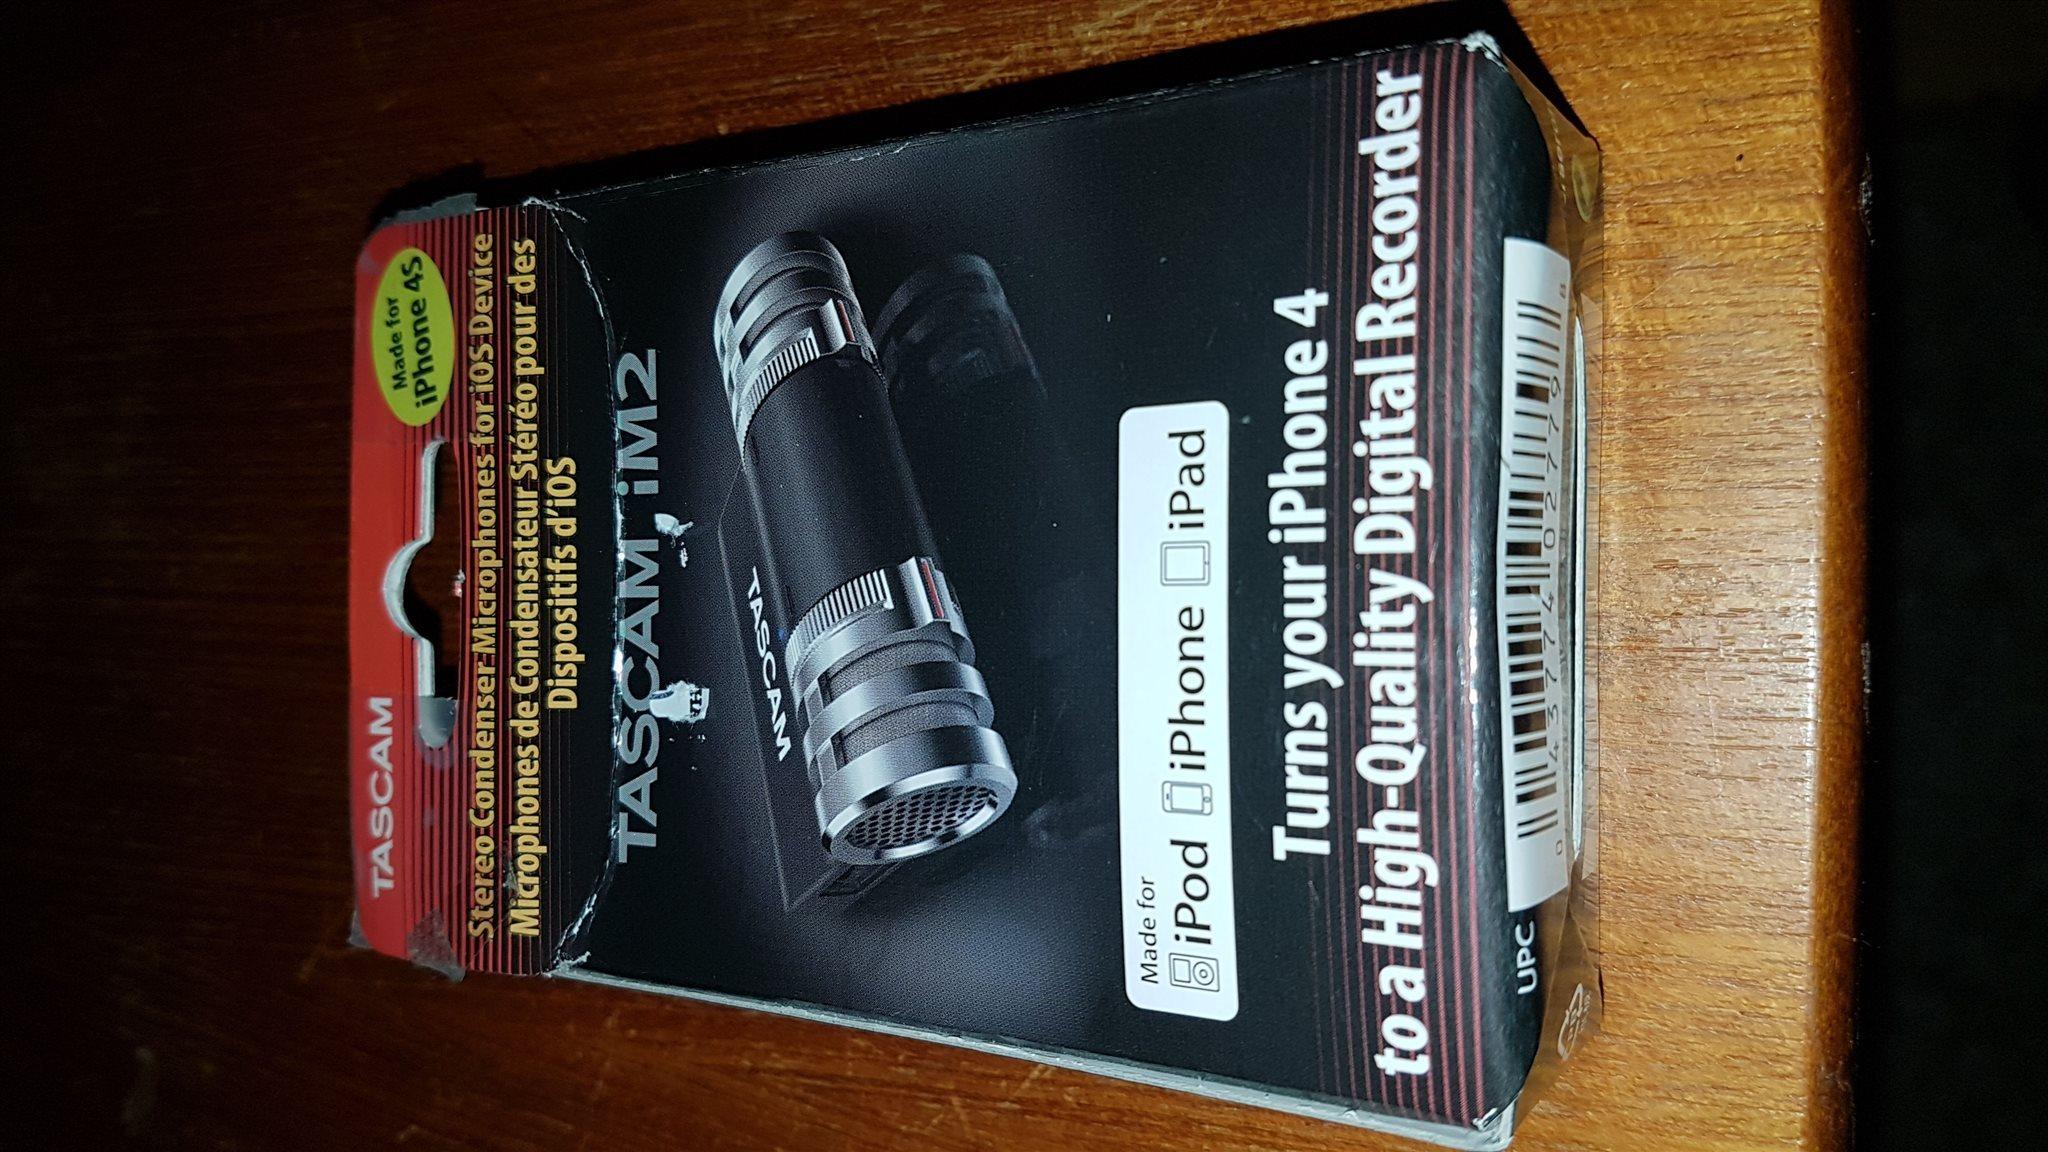 stereo mikrofon till IPhone (328430715) ᐈ Köp på Tradera 64d20892f19f4